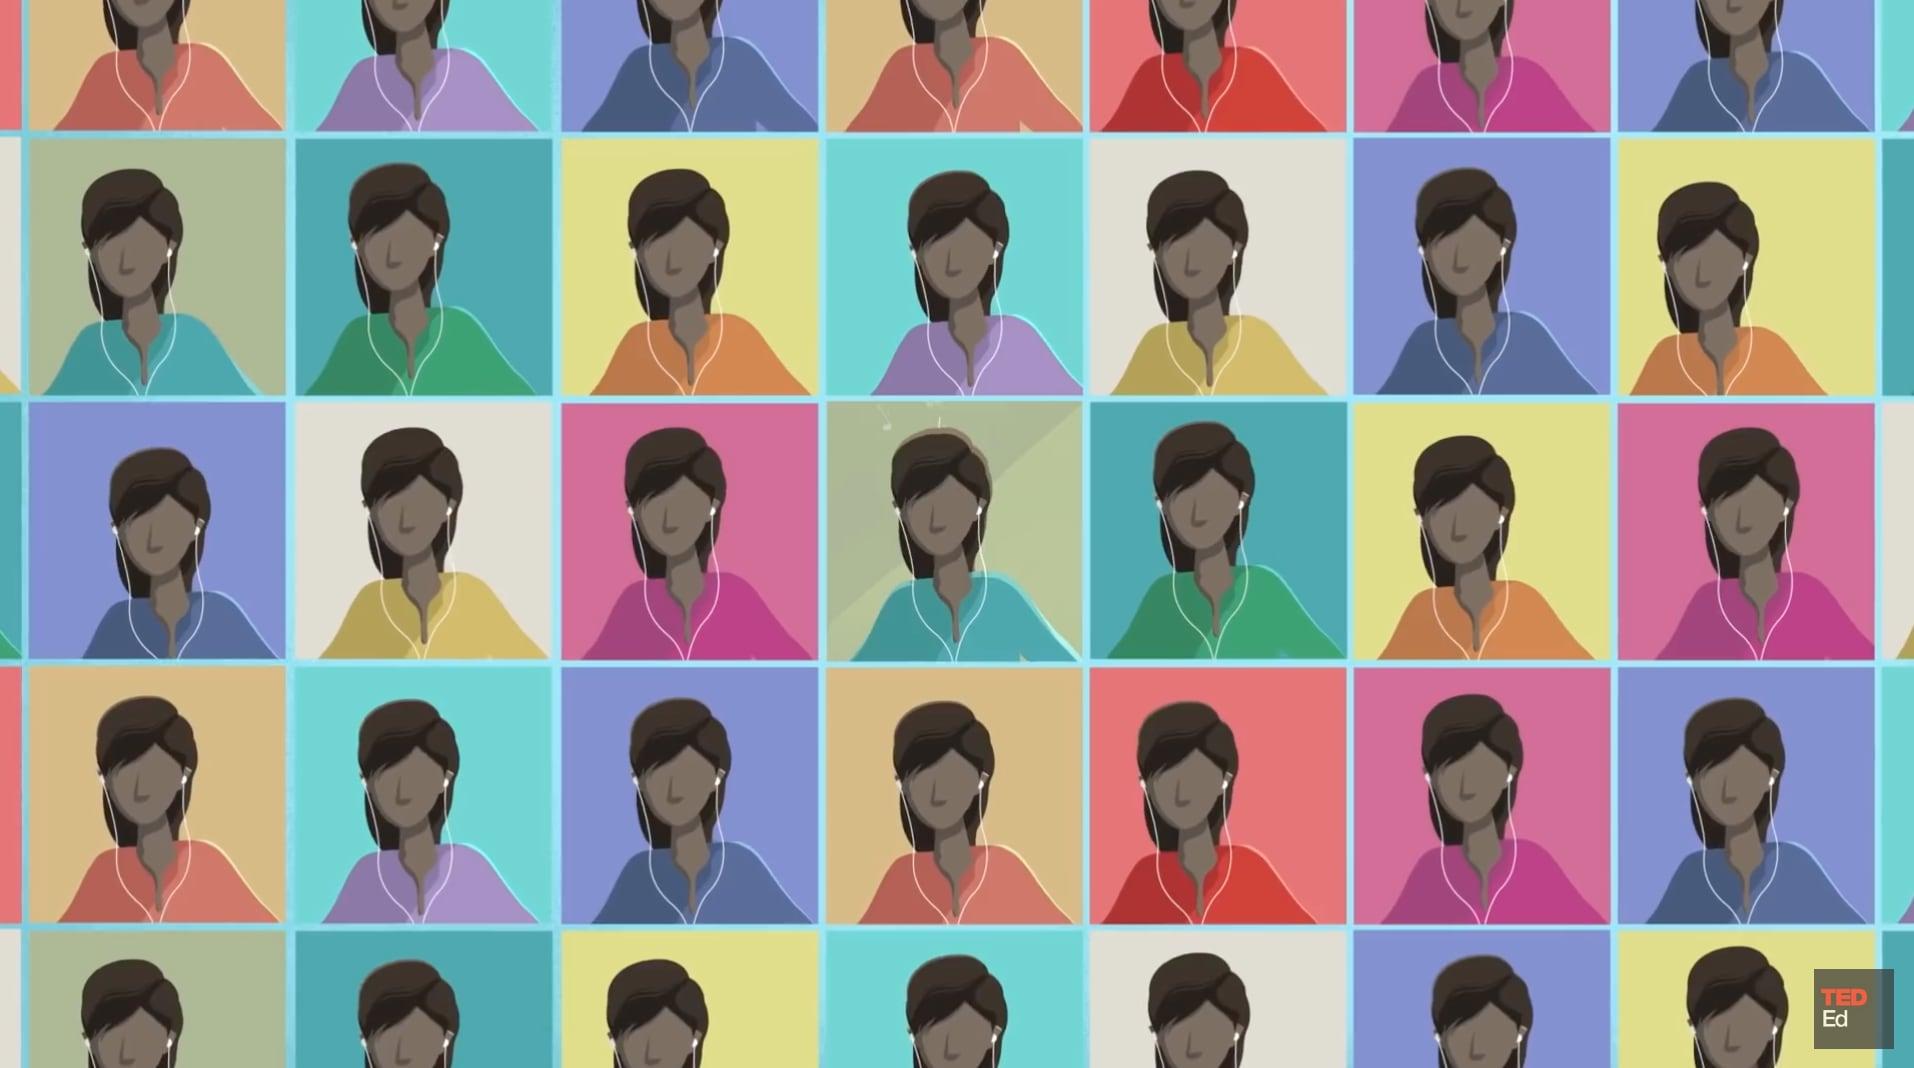 Skjermbilde Fra Videoen På Siden - Viser Mange Tegnede Hoder - Ulike Farger, Men Ellers Like - Repetisjon